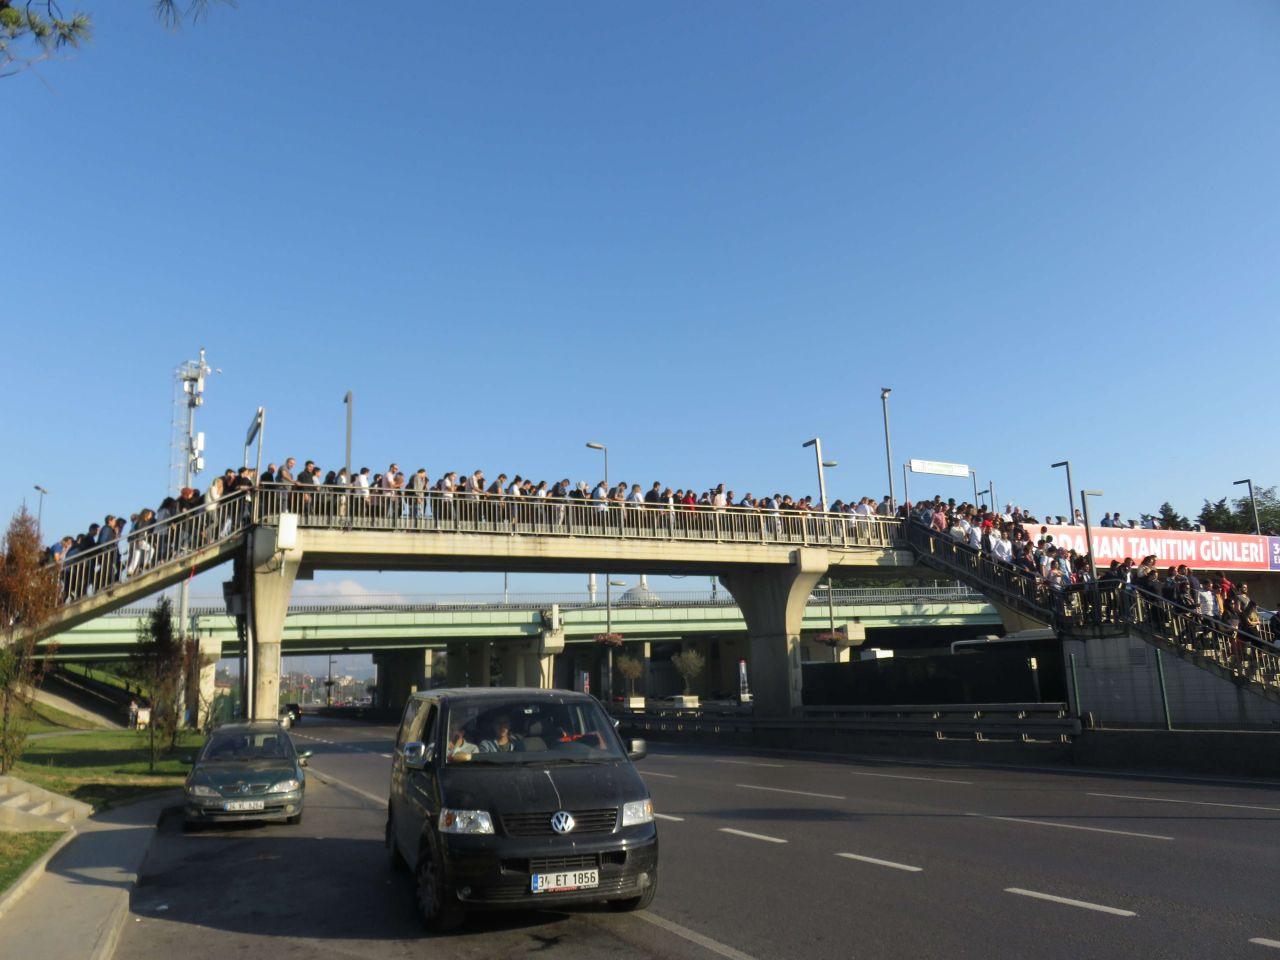 İBB'nin önlem alındığı duyurduğu Altunizade metrobüs durağında manzara değişmedi